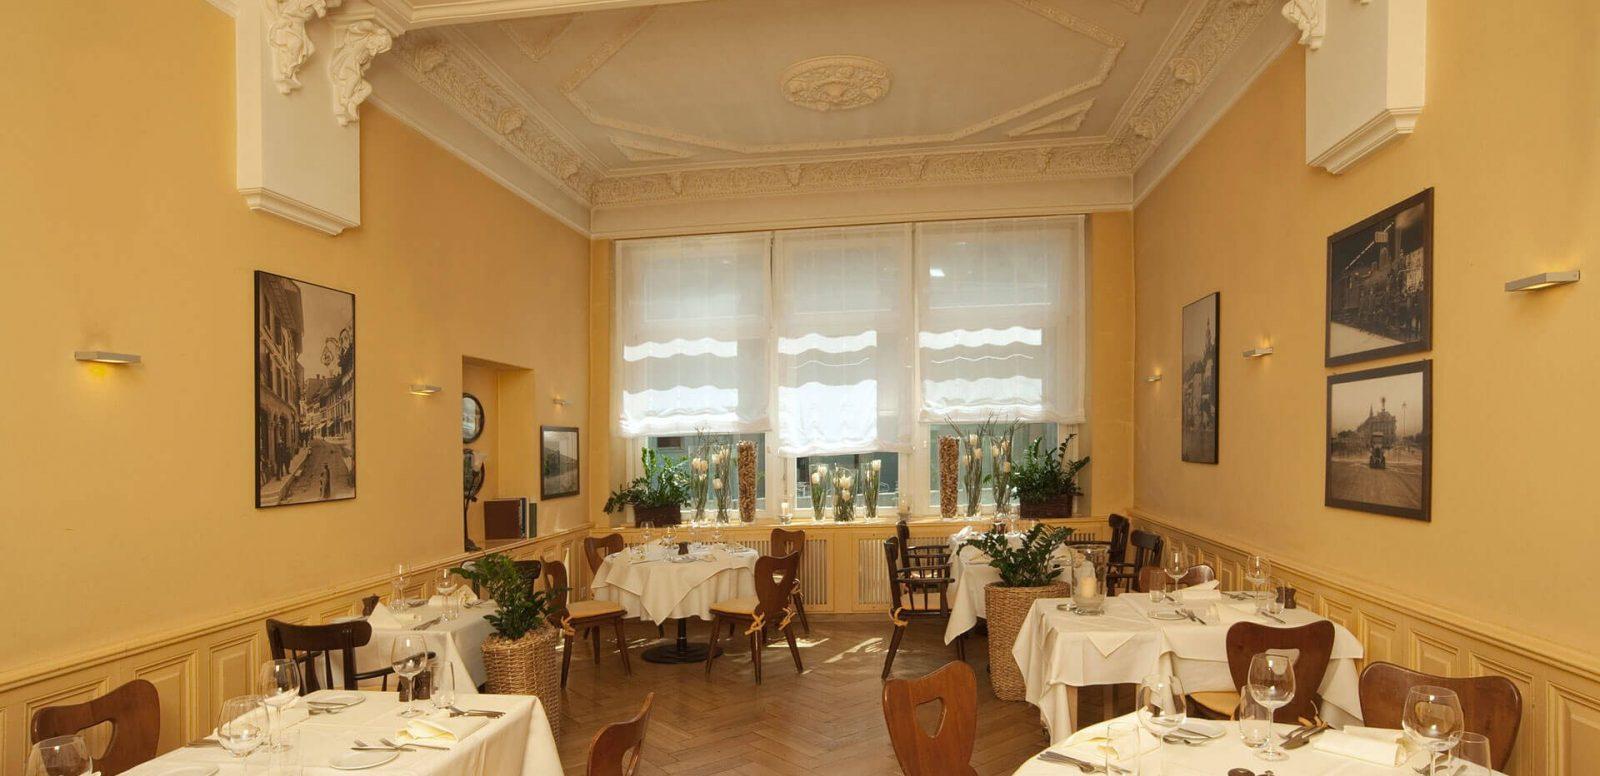 43 Restaurant Salmen Olten Foto 01